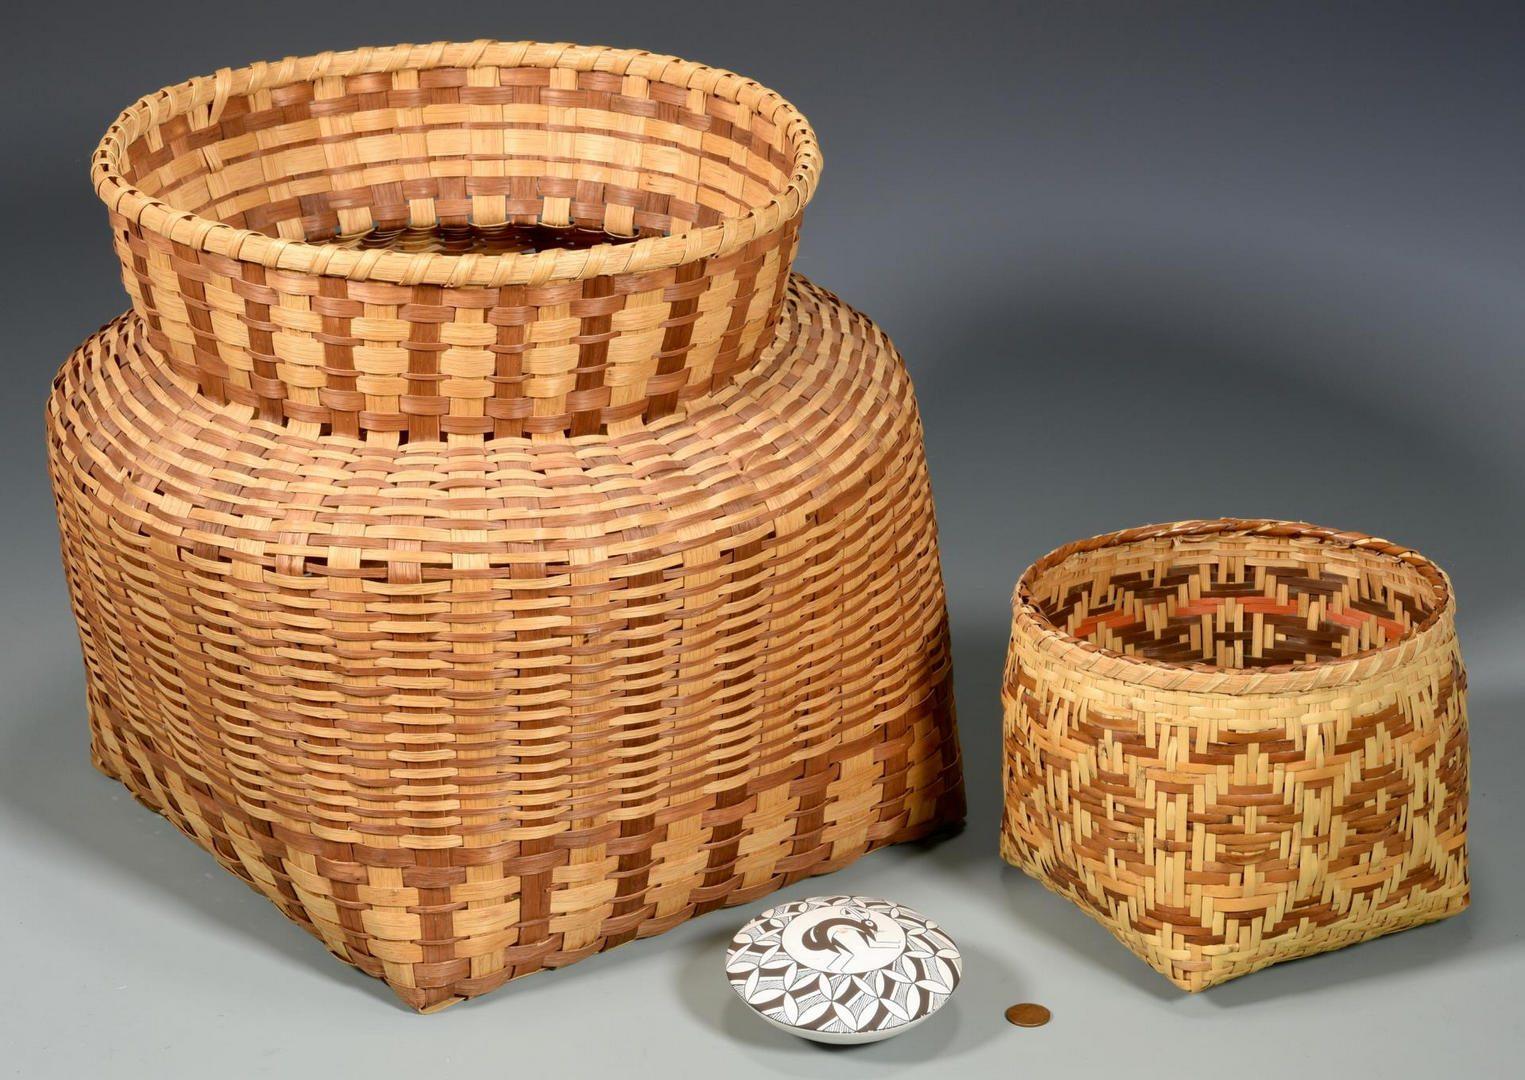 Lot 194: 2 Native American Baskets & 1 Pottery Jar